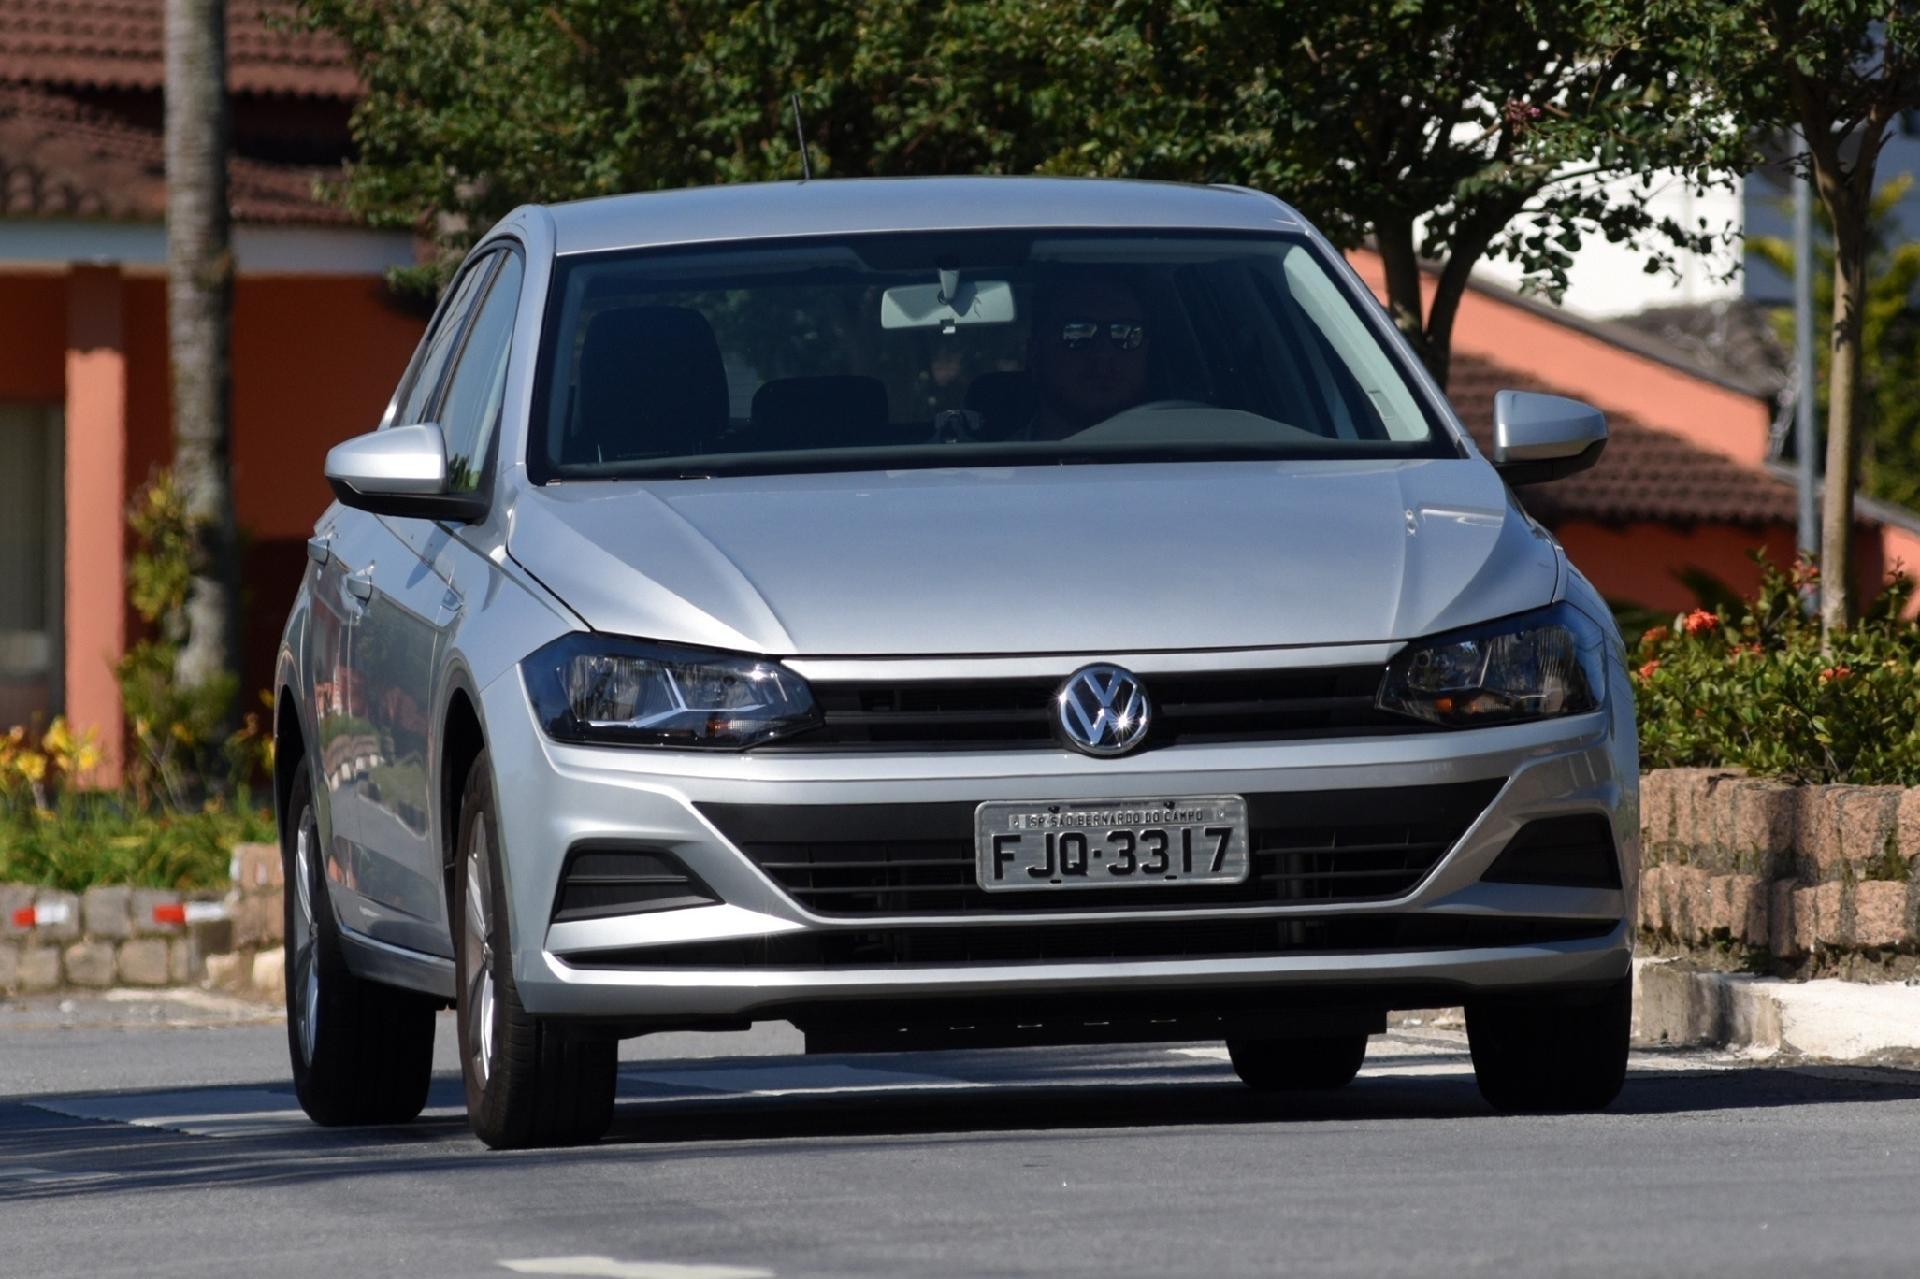 bccb065af7 Volkswagen Polo 1.6 MSI anda bem e é seguro